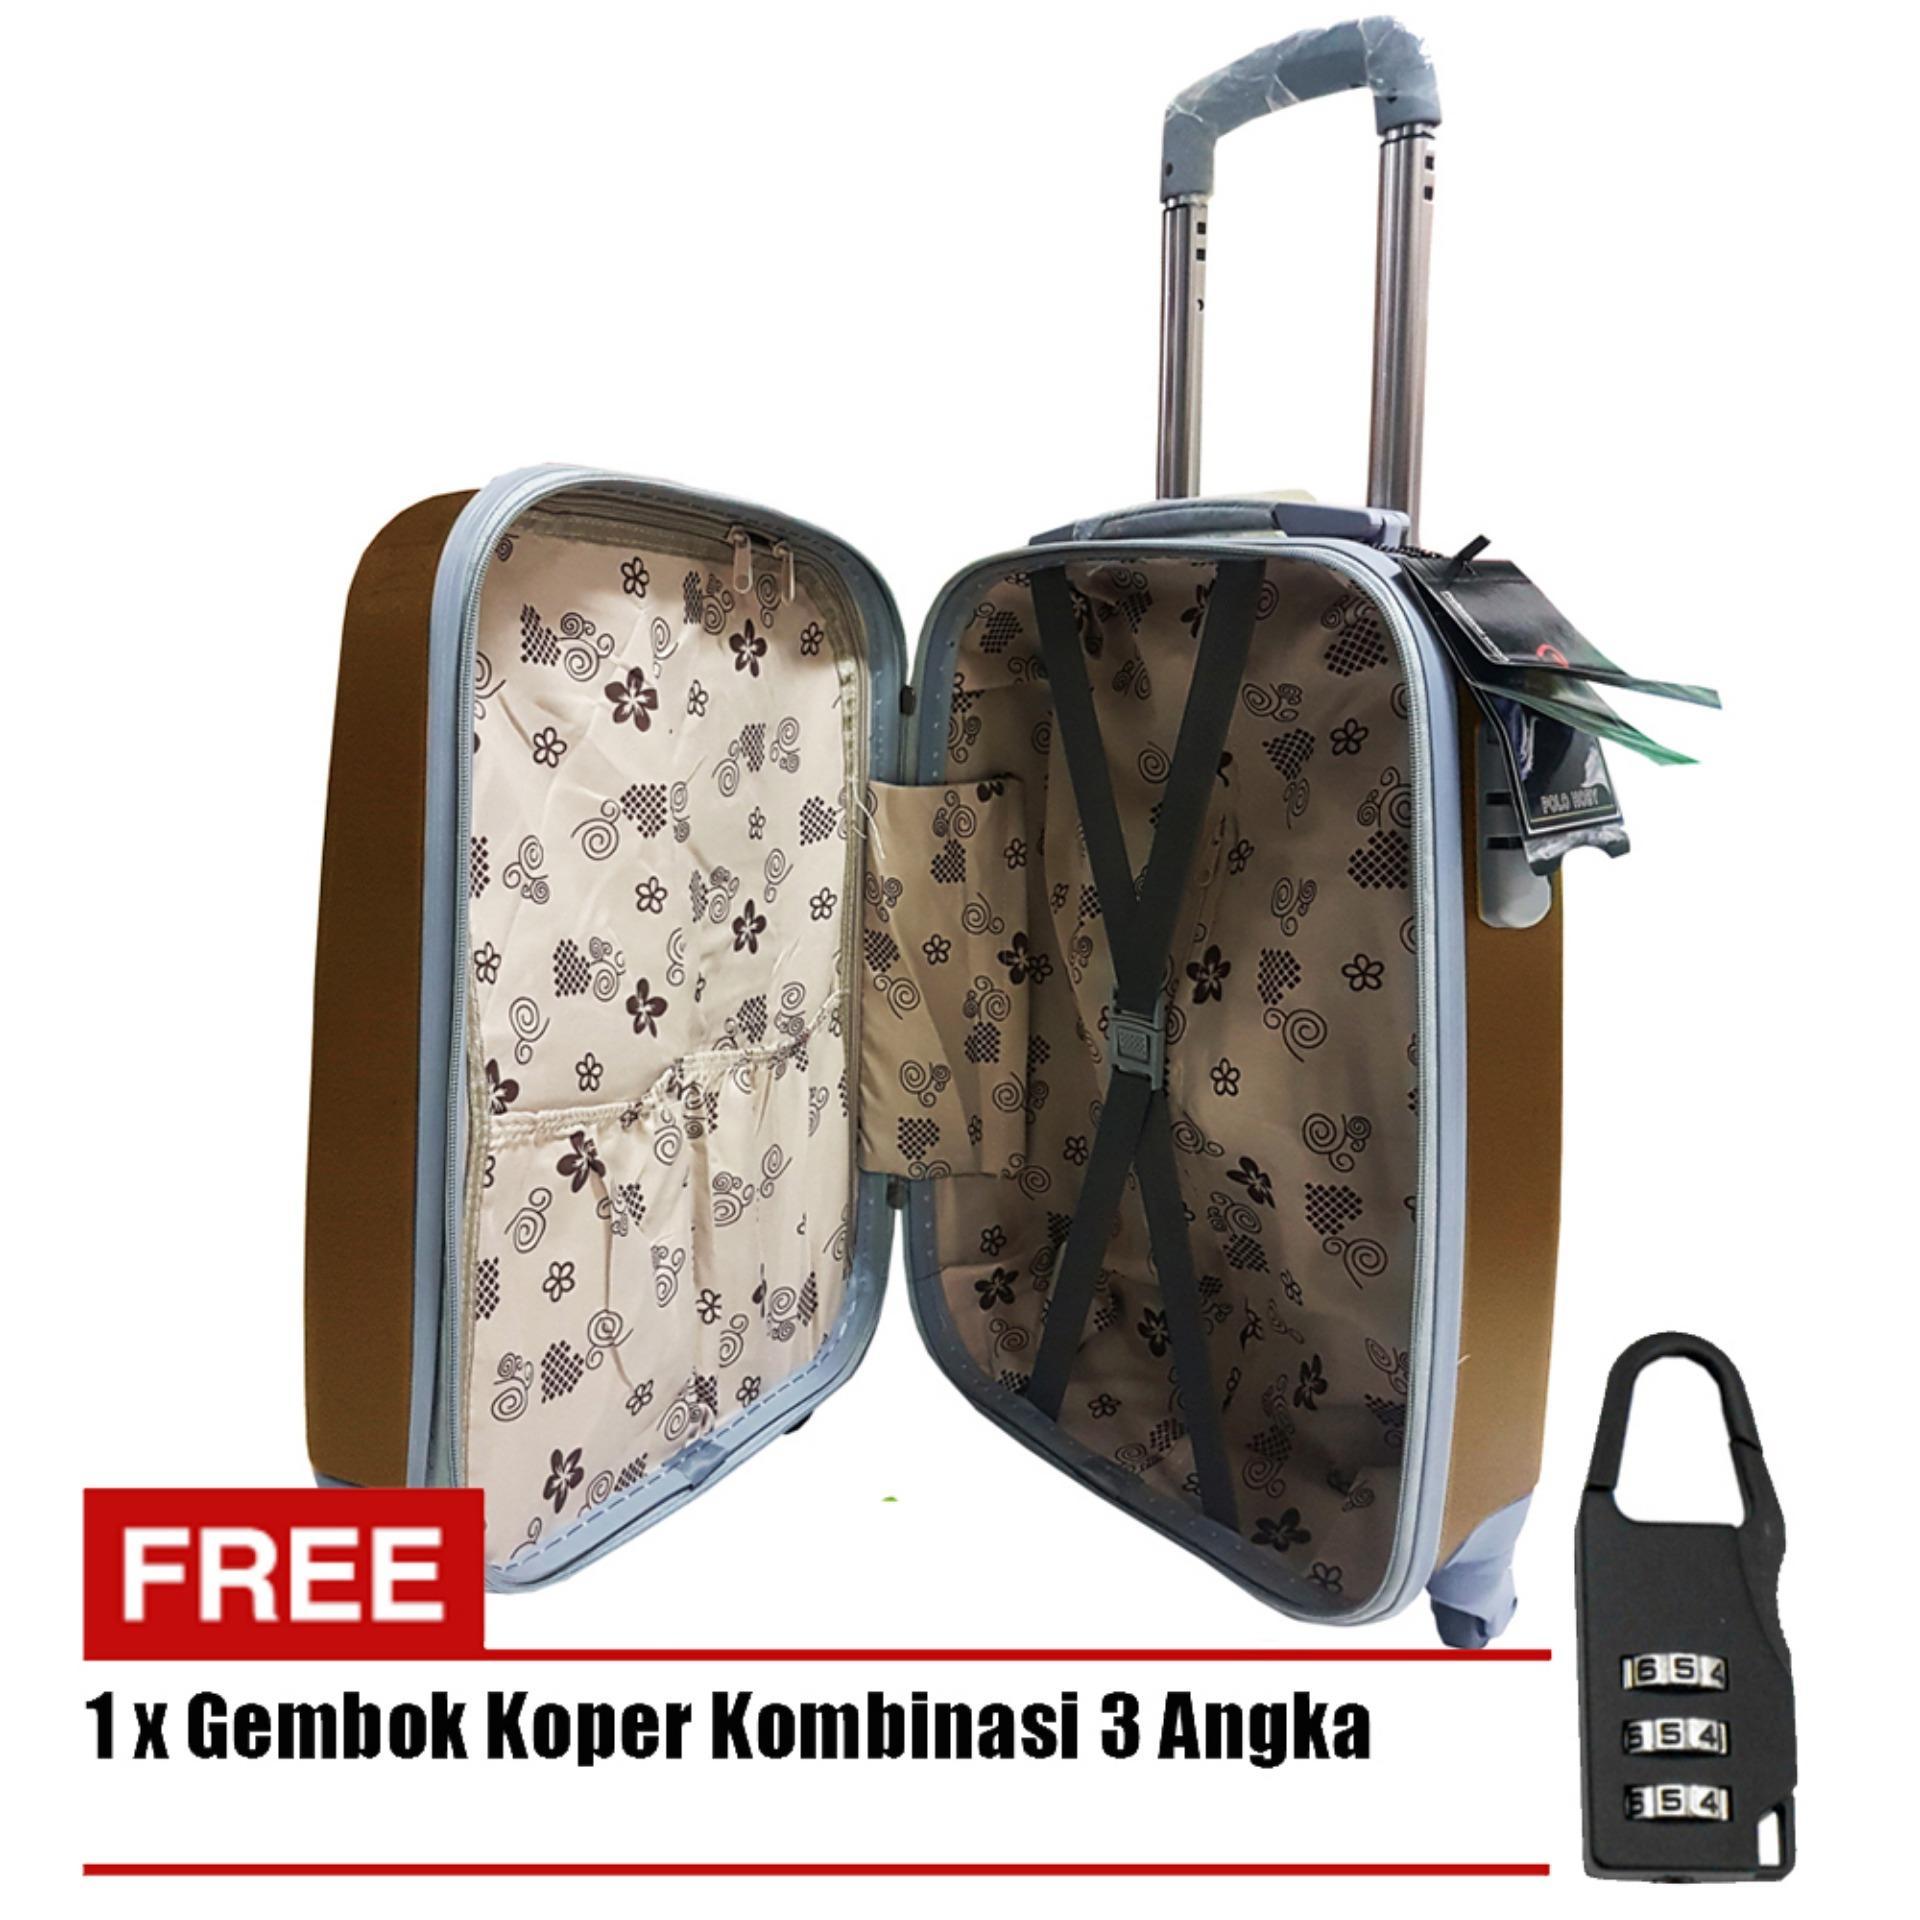 Harga Polo Hoby Koper Hardcase Luggage 20 Inchi 705 20 Anti Theft Coffee Free Padlock Suitcase New